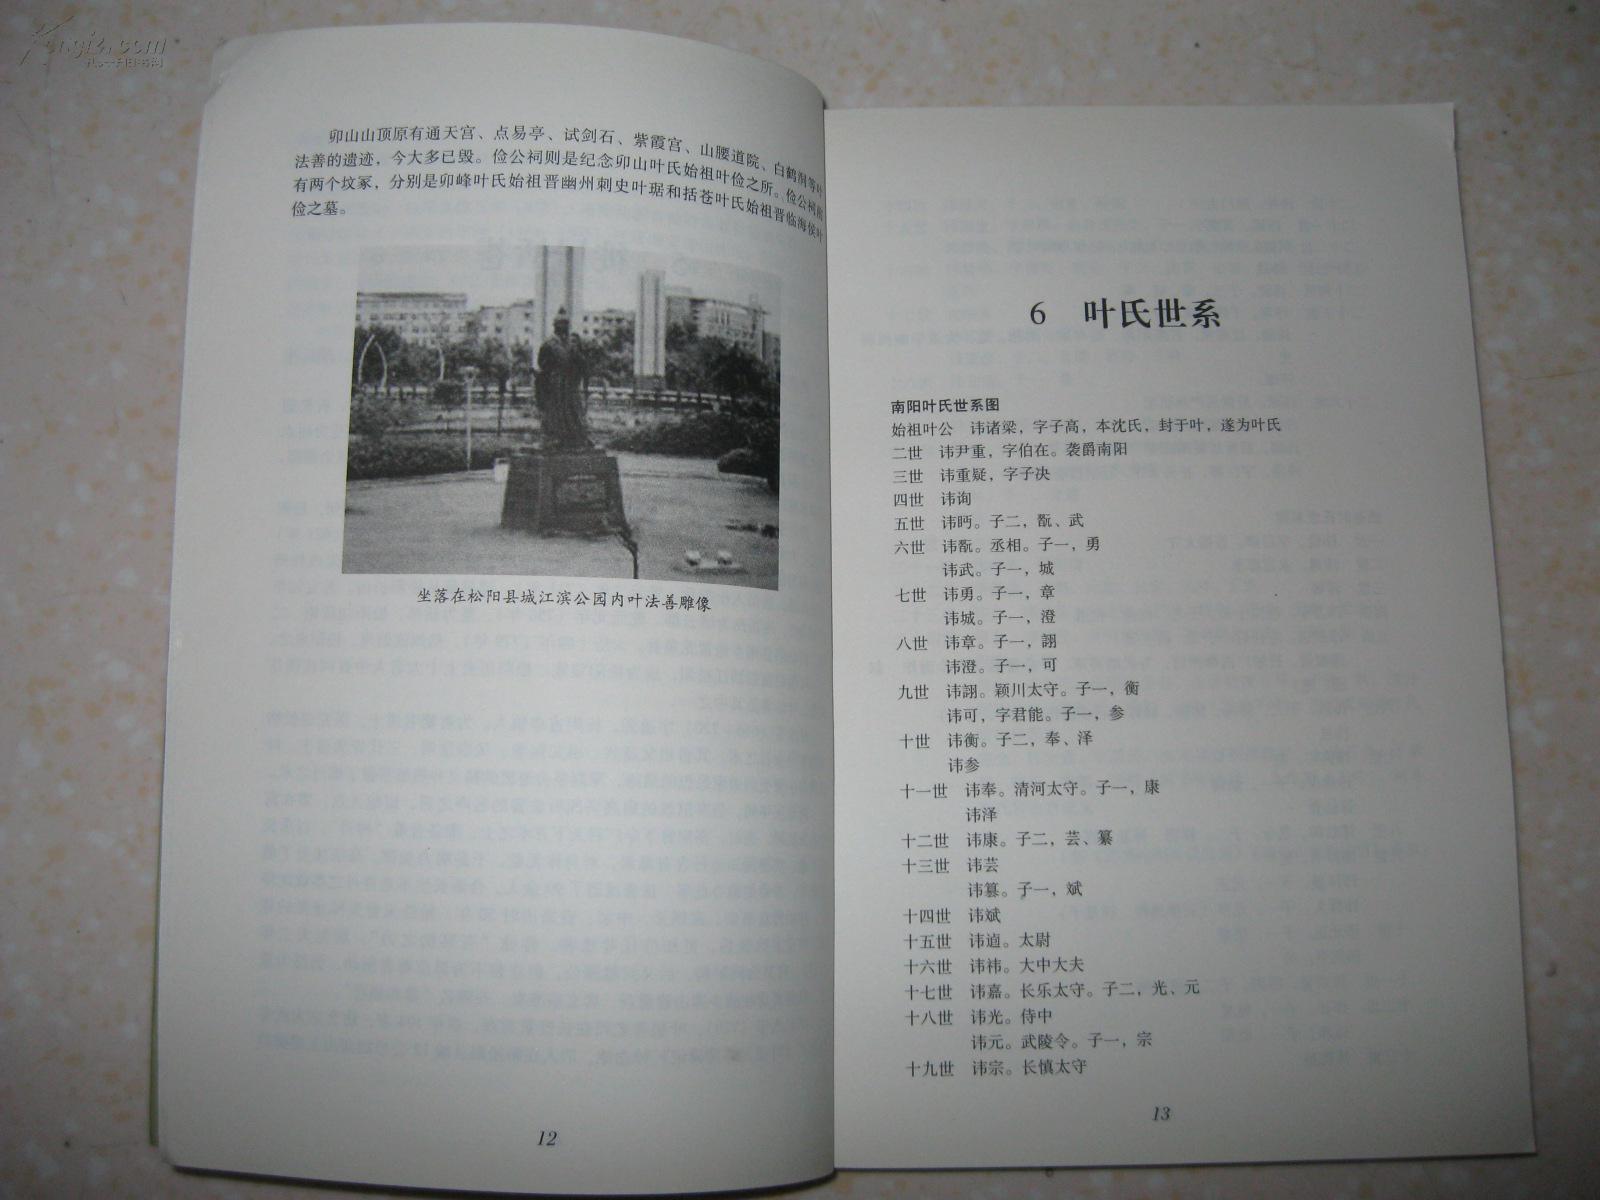 【图】慈东叶氏源流(叶氏族谱图片